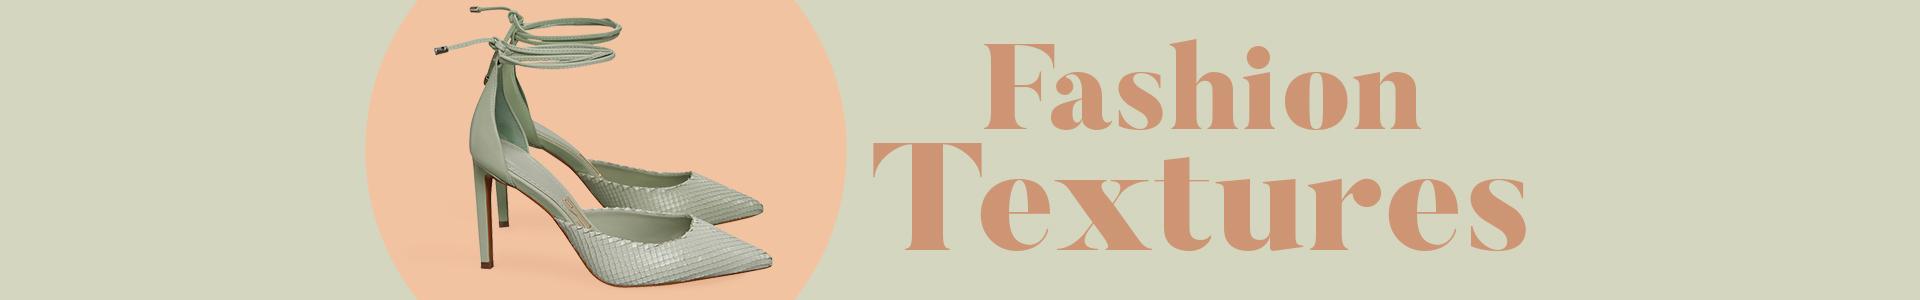 Fashion Textures